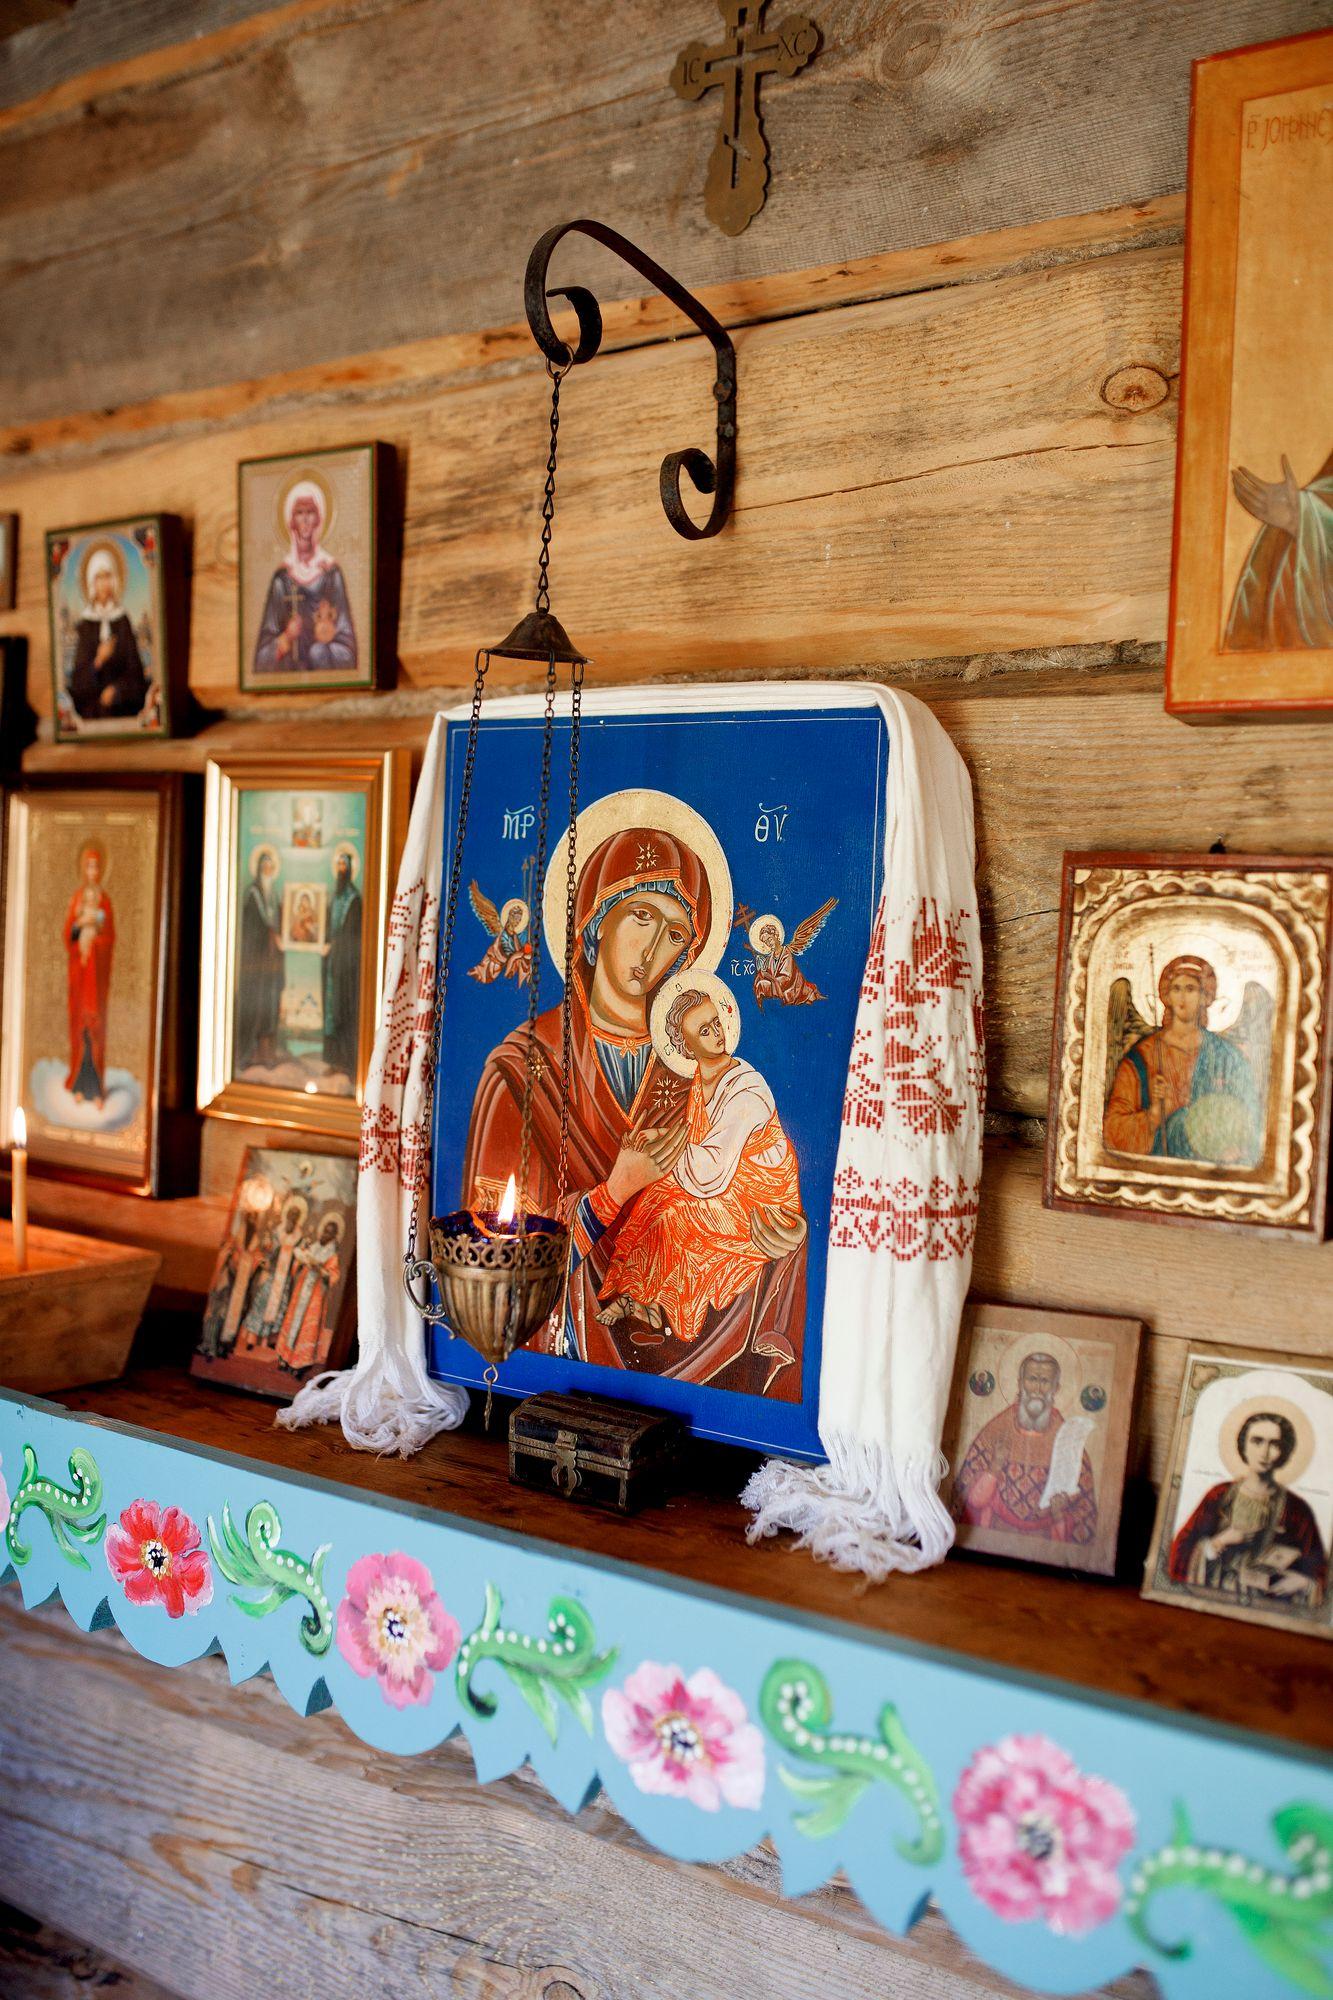 Tsasounan kauneimpiin ikoneihin kuuluu Kärsimyksen Jumalanäidin ikoni. Praasniekka juhlistaa sitä. © Hanna-Kaisa Hämäläinen